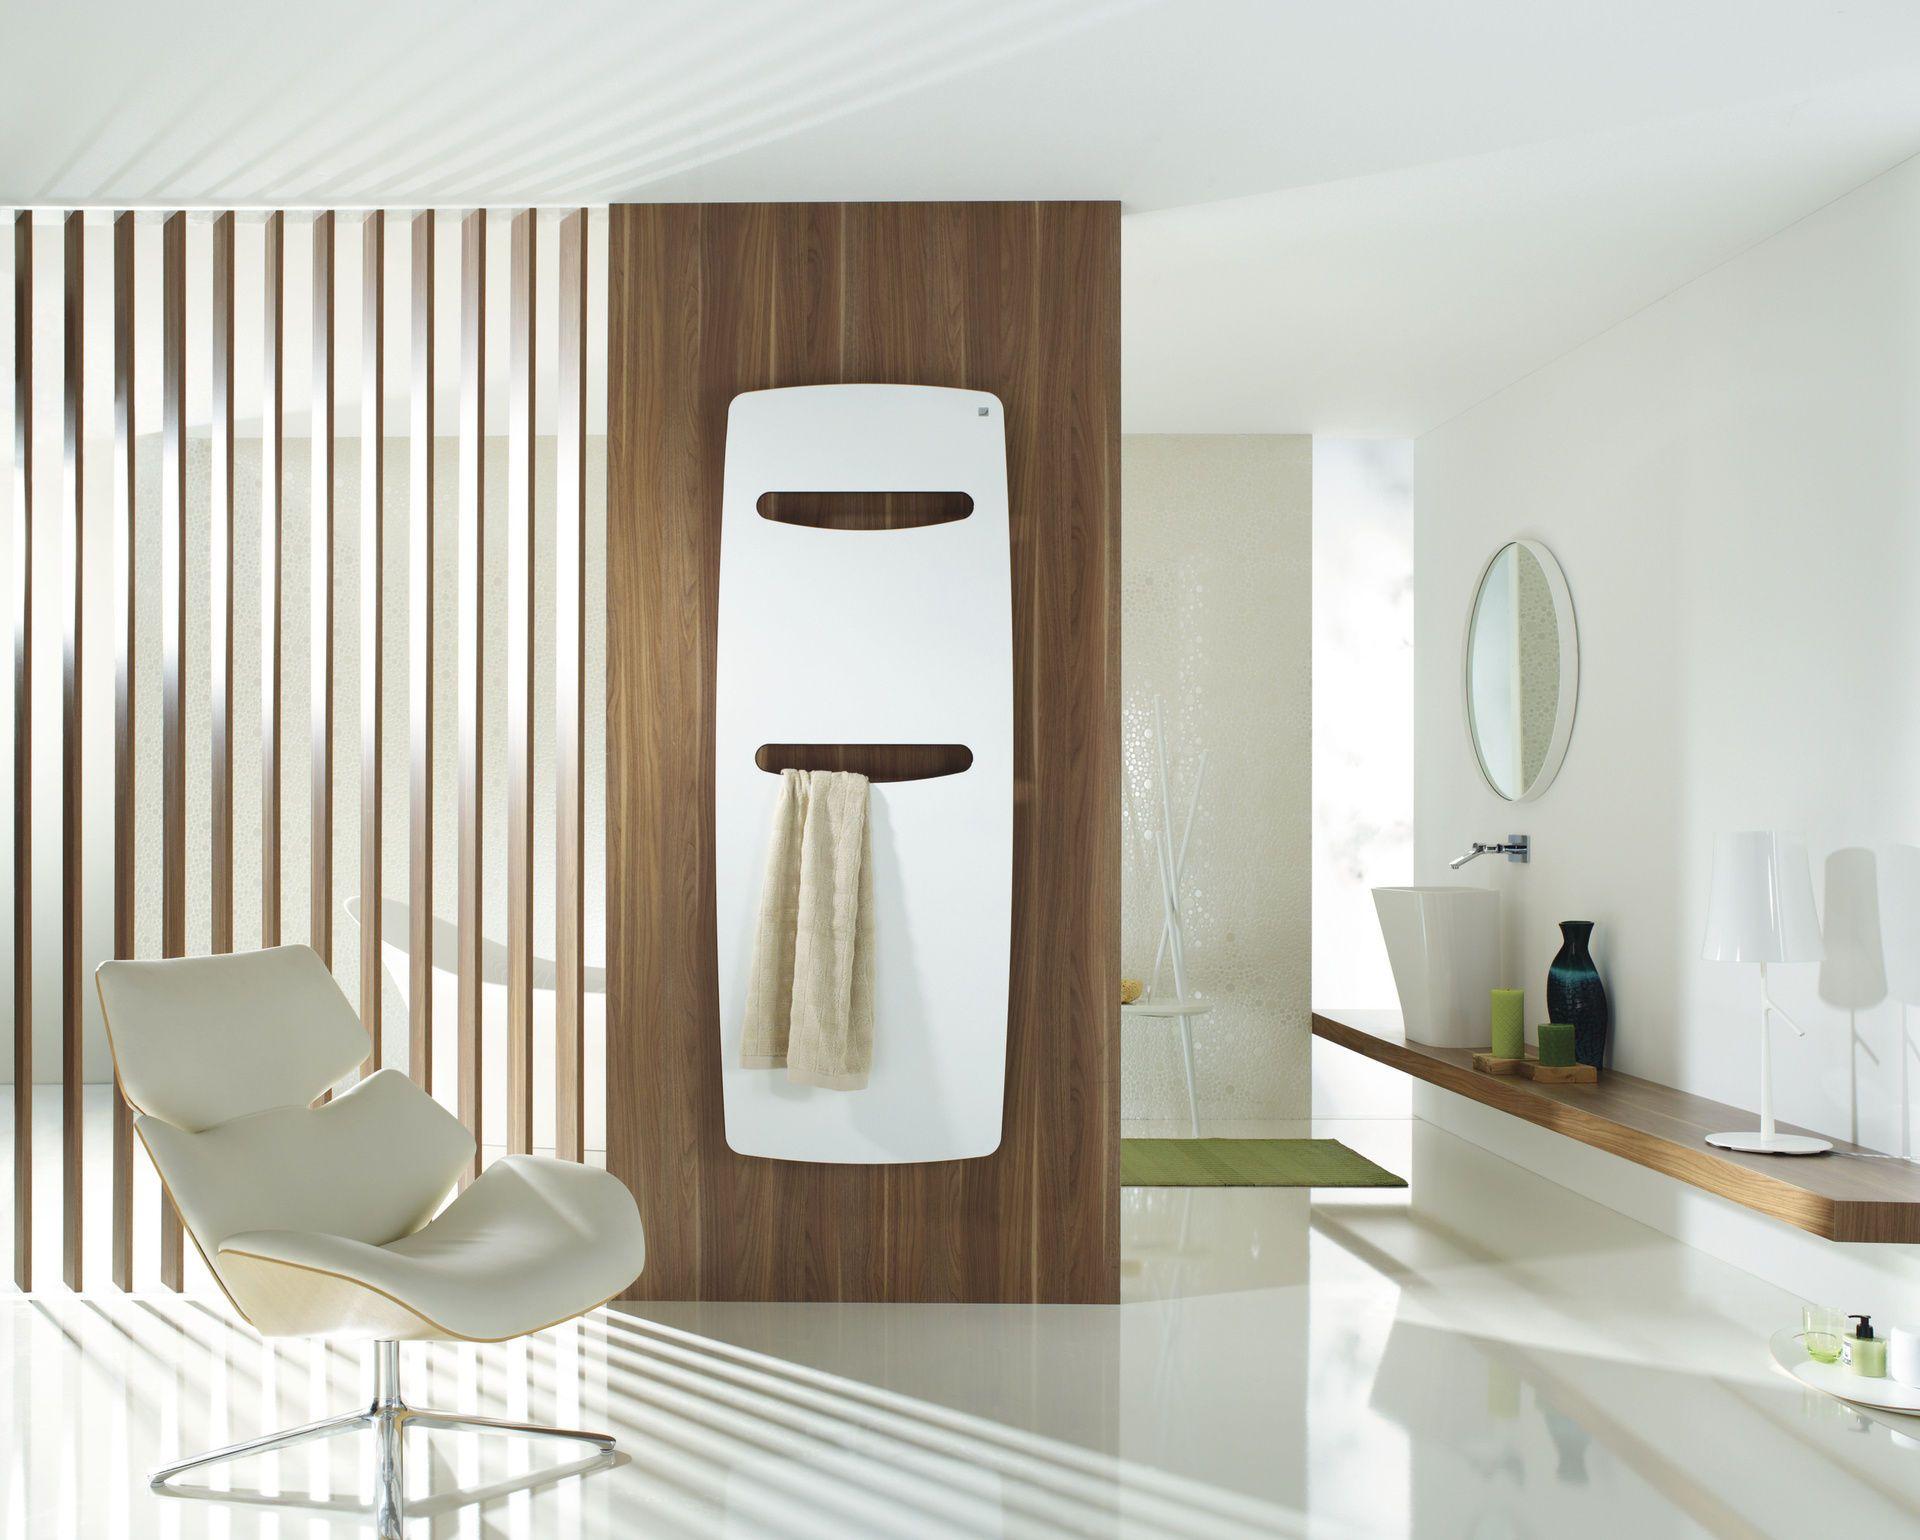 Heizkörper im Badezimmer für angenehme Wärme - bauemotion.de